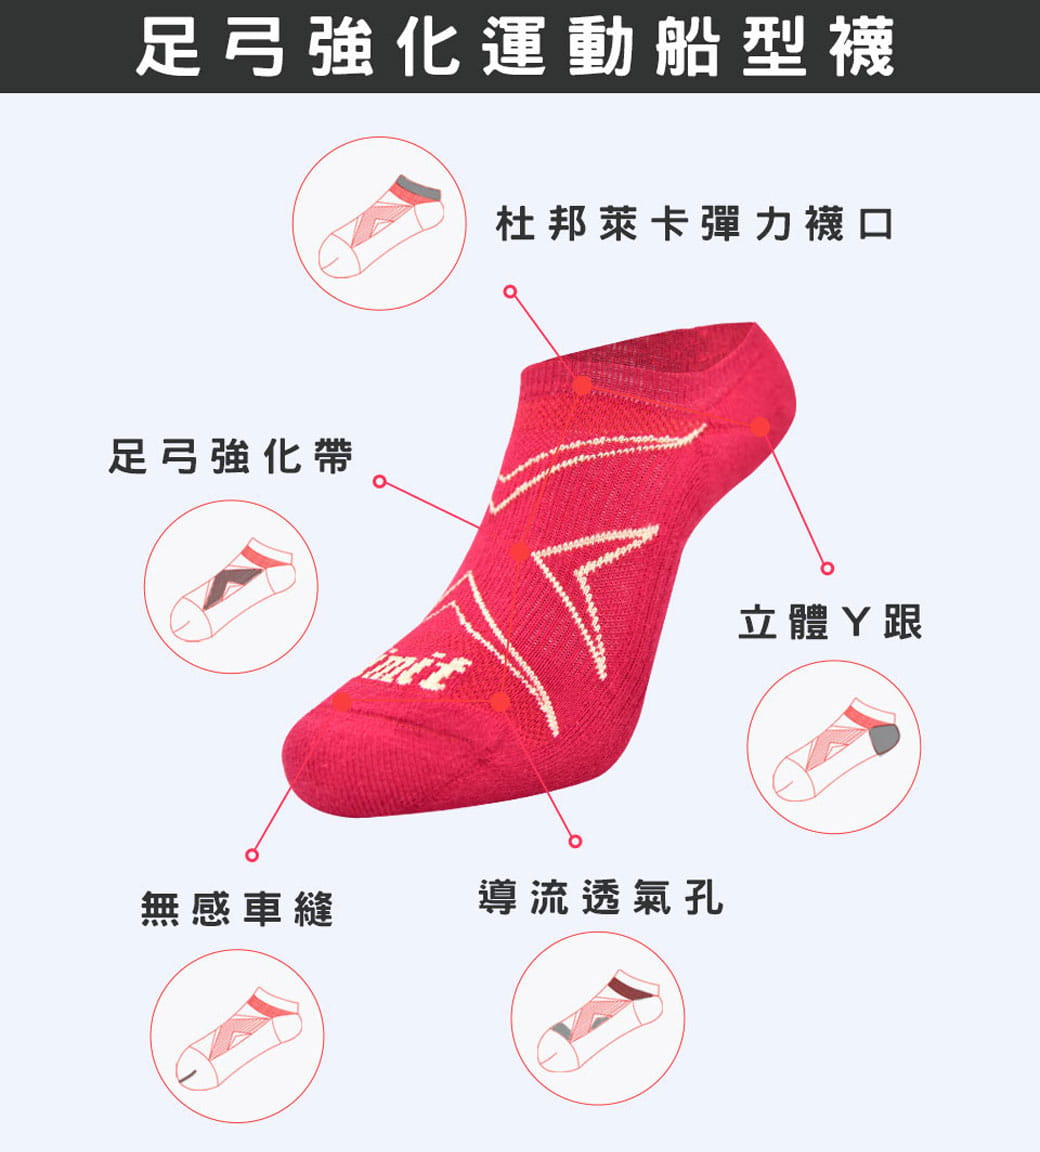 【力美特機能襪】足弓強化運動船襪(紅) 2